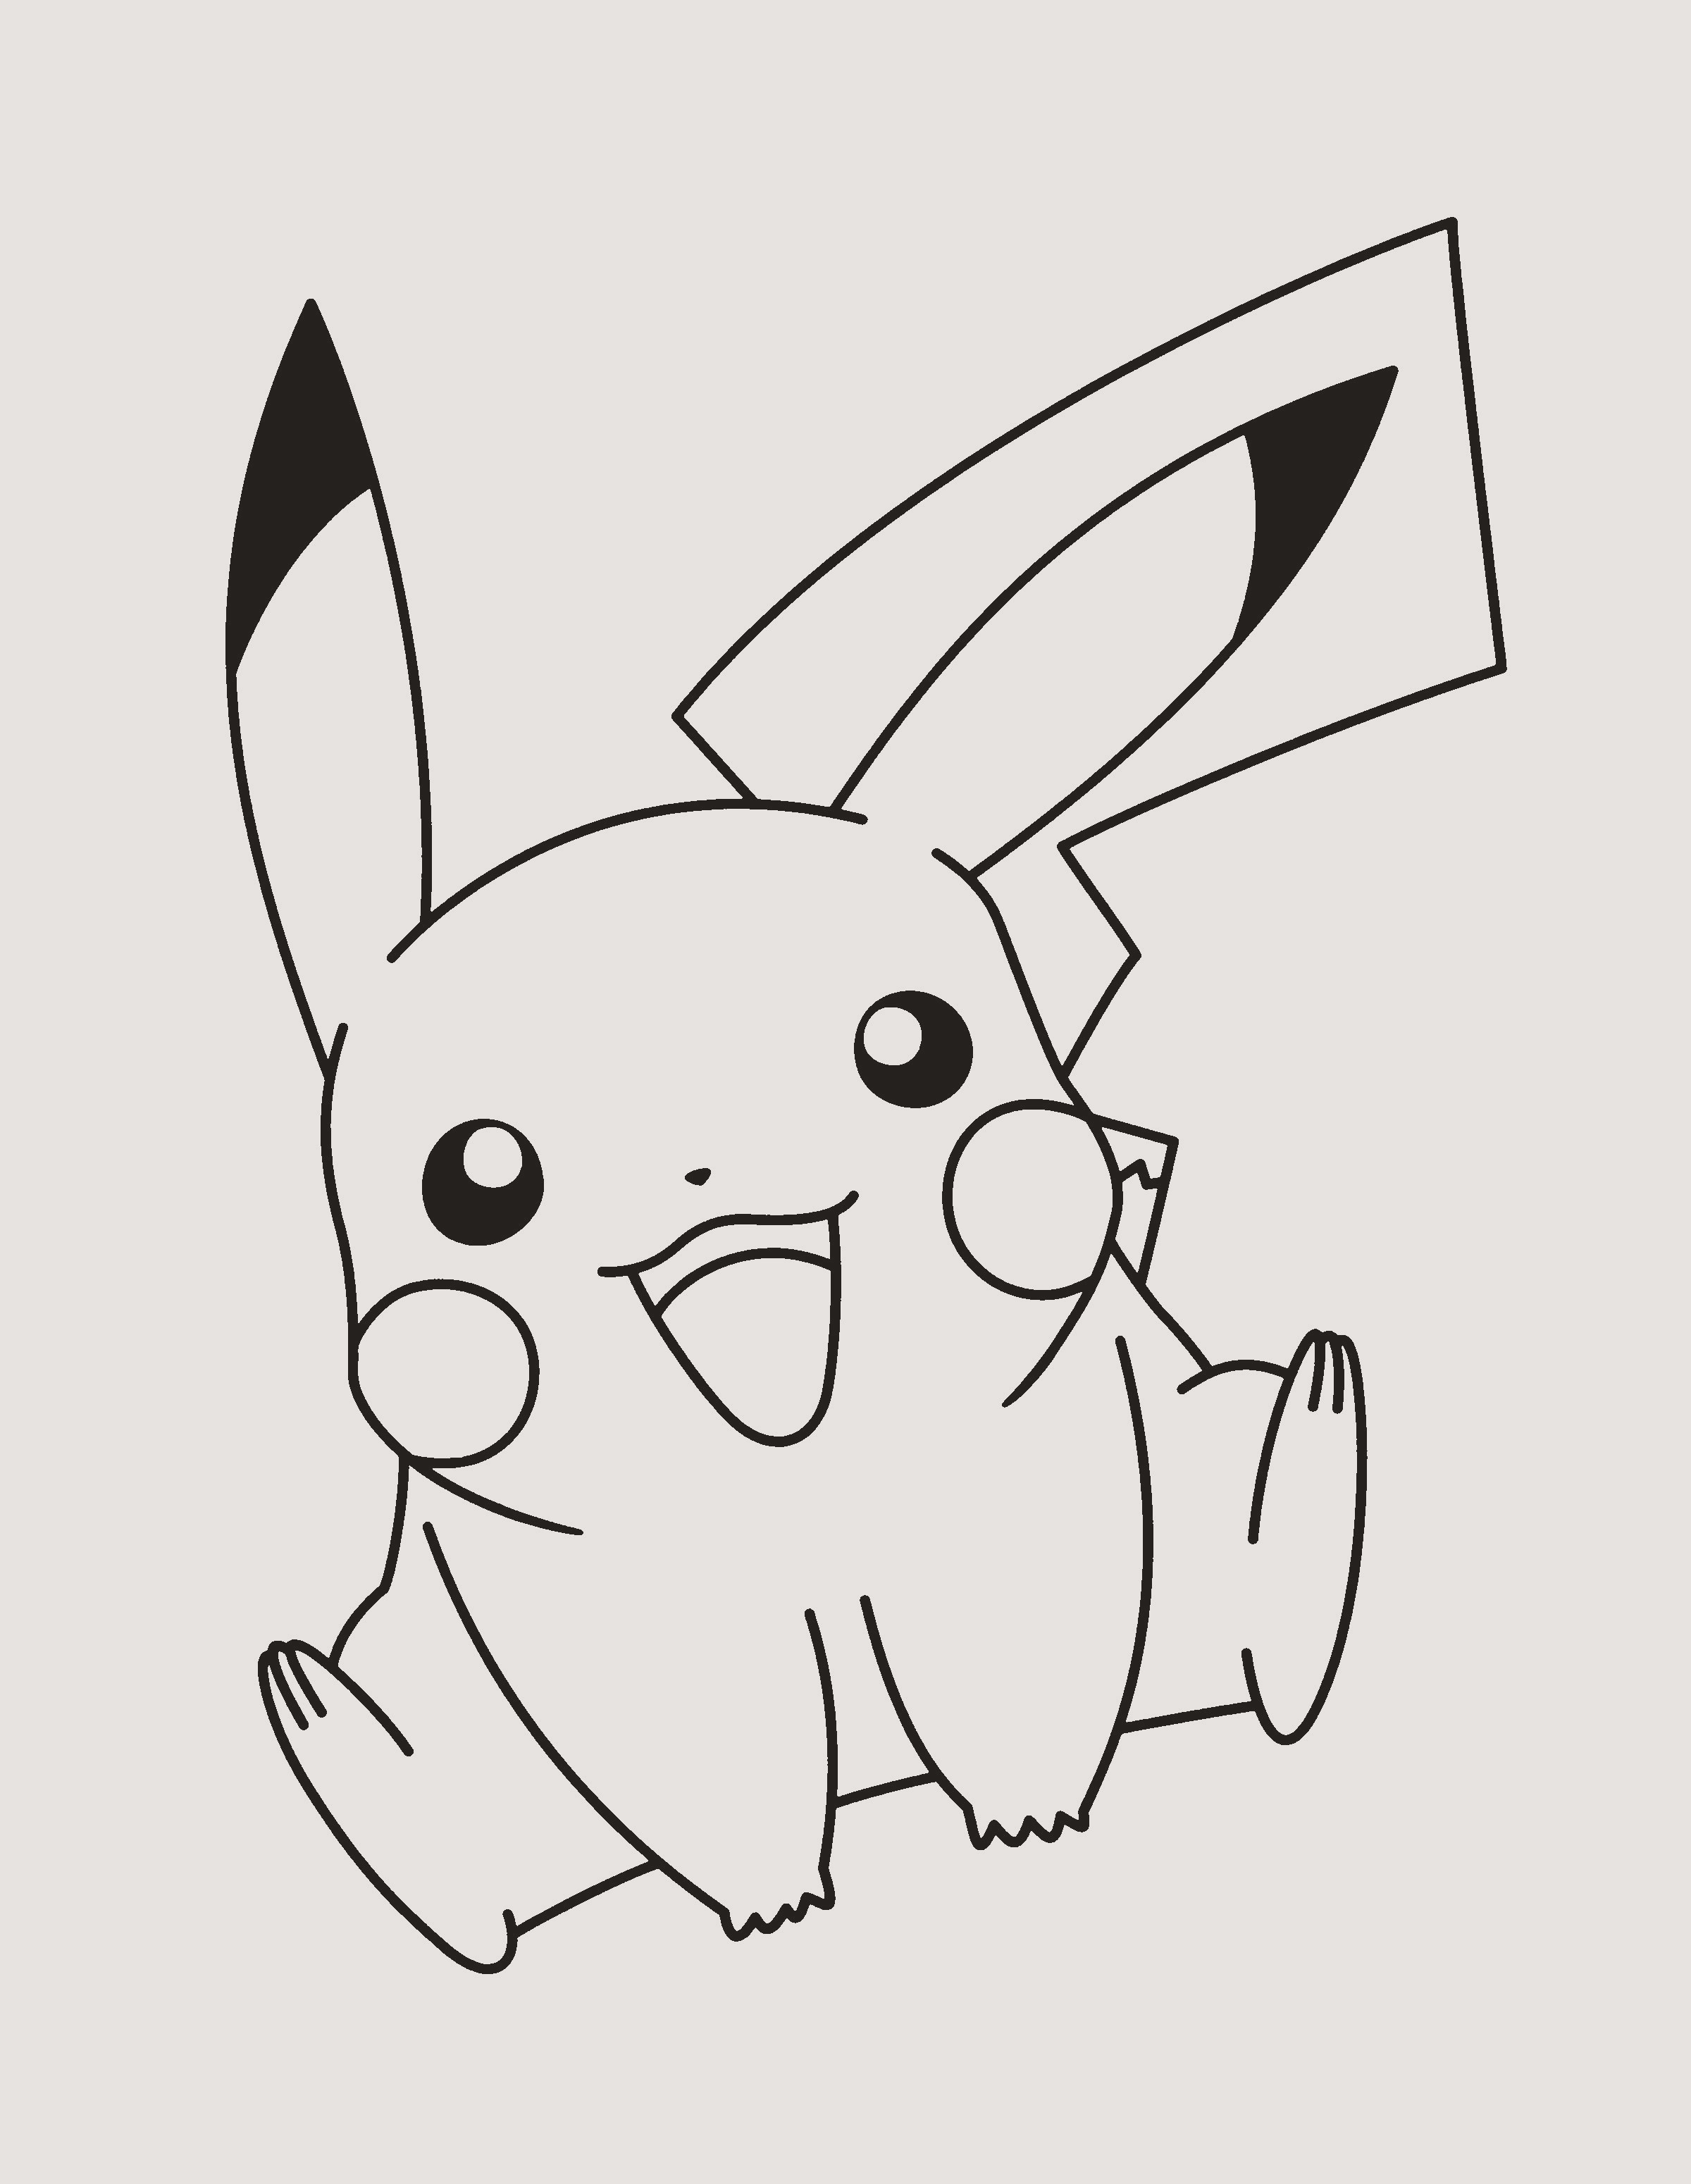 Ausmalbilder Pokemon Ausdrucken Das Beste Von 30 Einzigartig Ausmalbilder Pokemon Kostenlos Neuste Das Bild